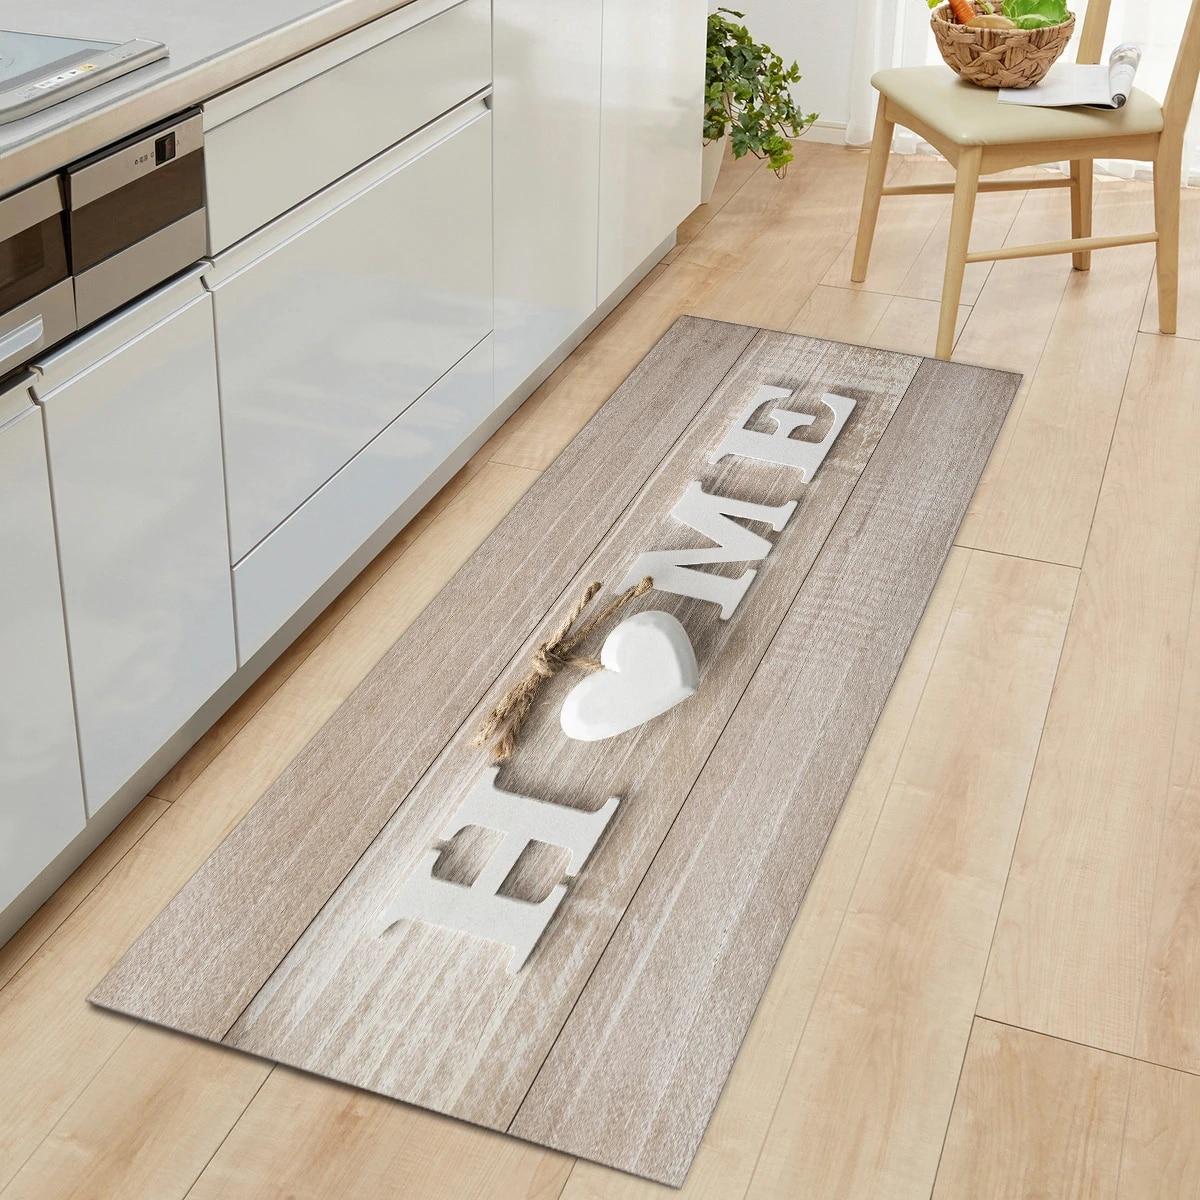 Wood Grain Door Kitchen Mat Carpet Non Slip Home Floor Mat Rugs Welcome  Mats for Front Door Kitchen Living Room